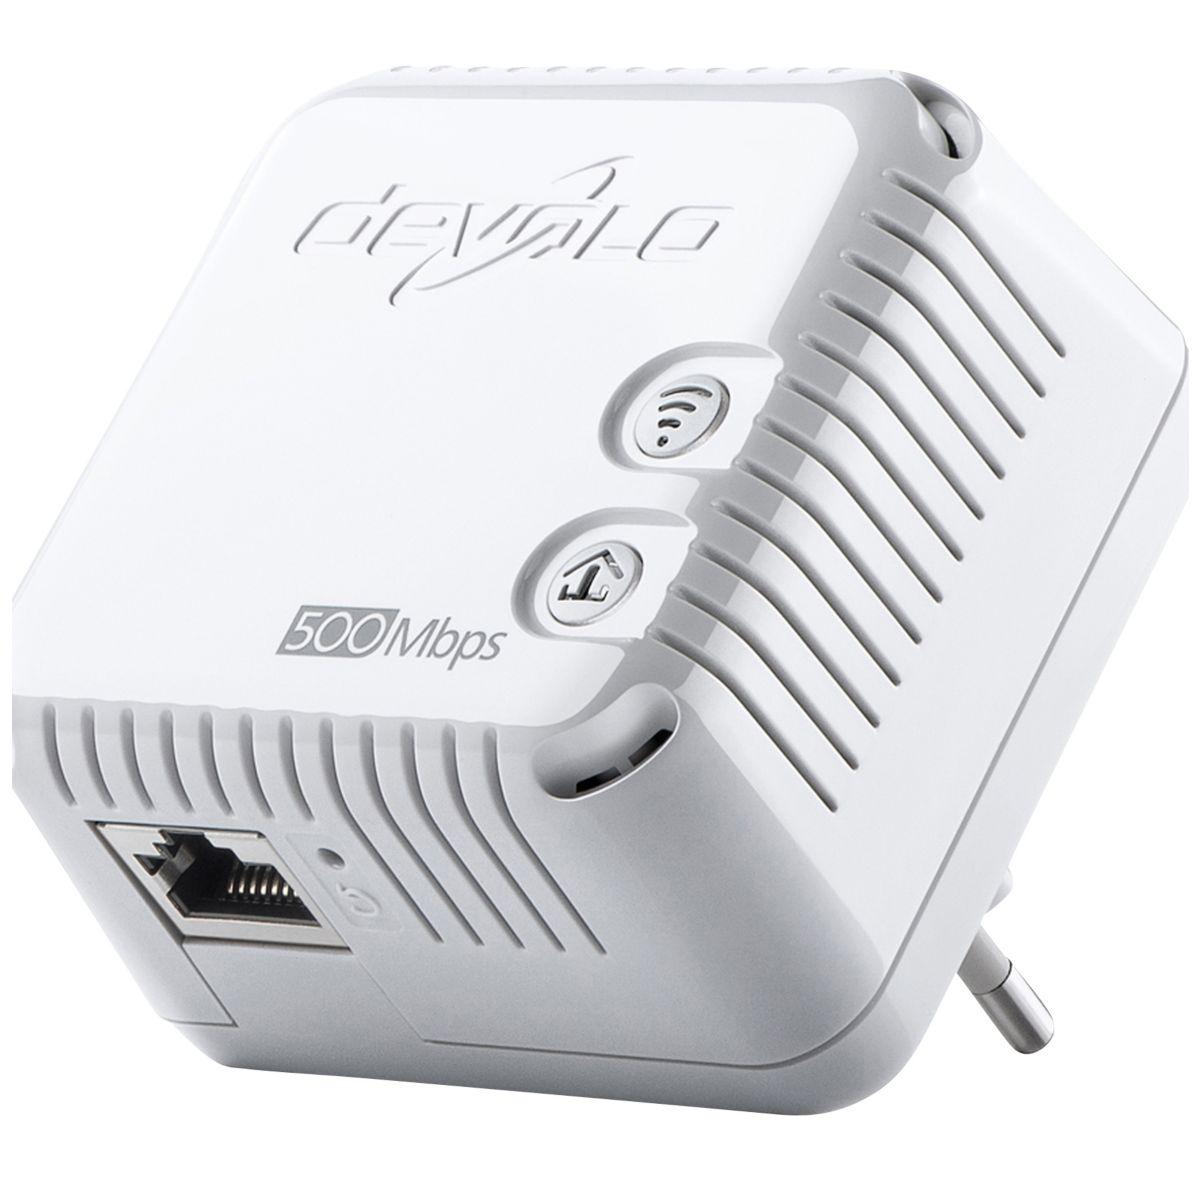 CPL Solo DEVOLO dLAN 500 Wifi